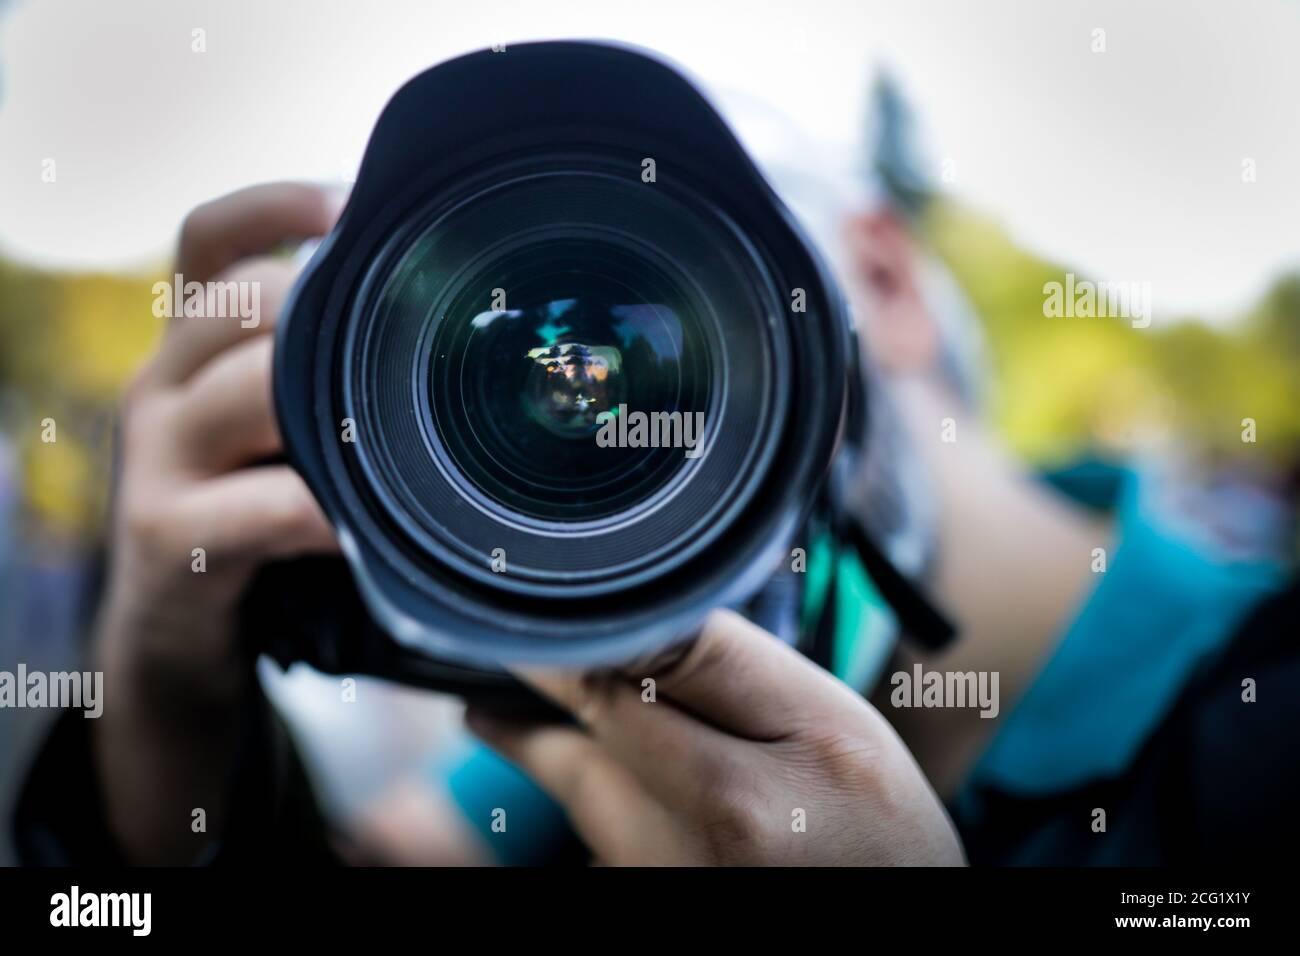 Profundidad de campo reducida (enfoque selectivo) con la lente ancha polvorienta de un fotógrafo de prensa. Foto de stock